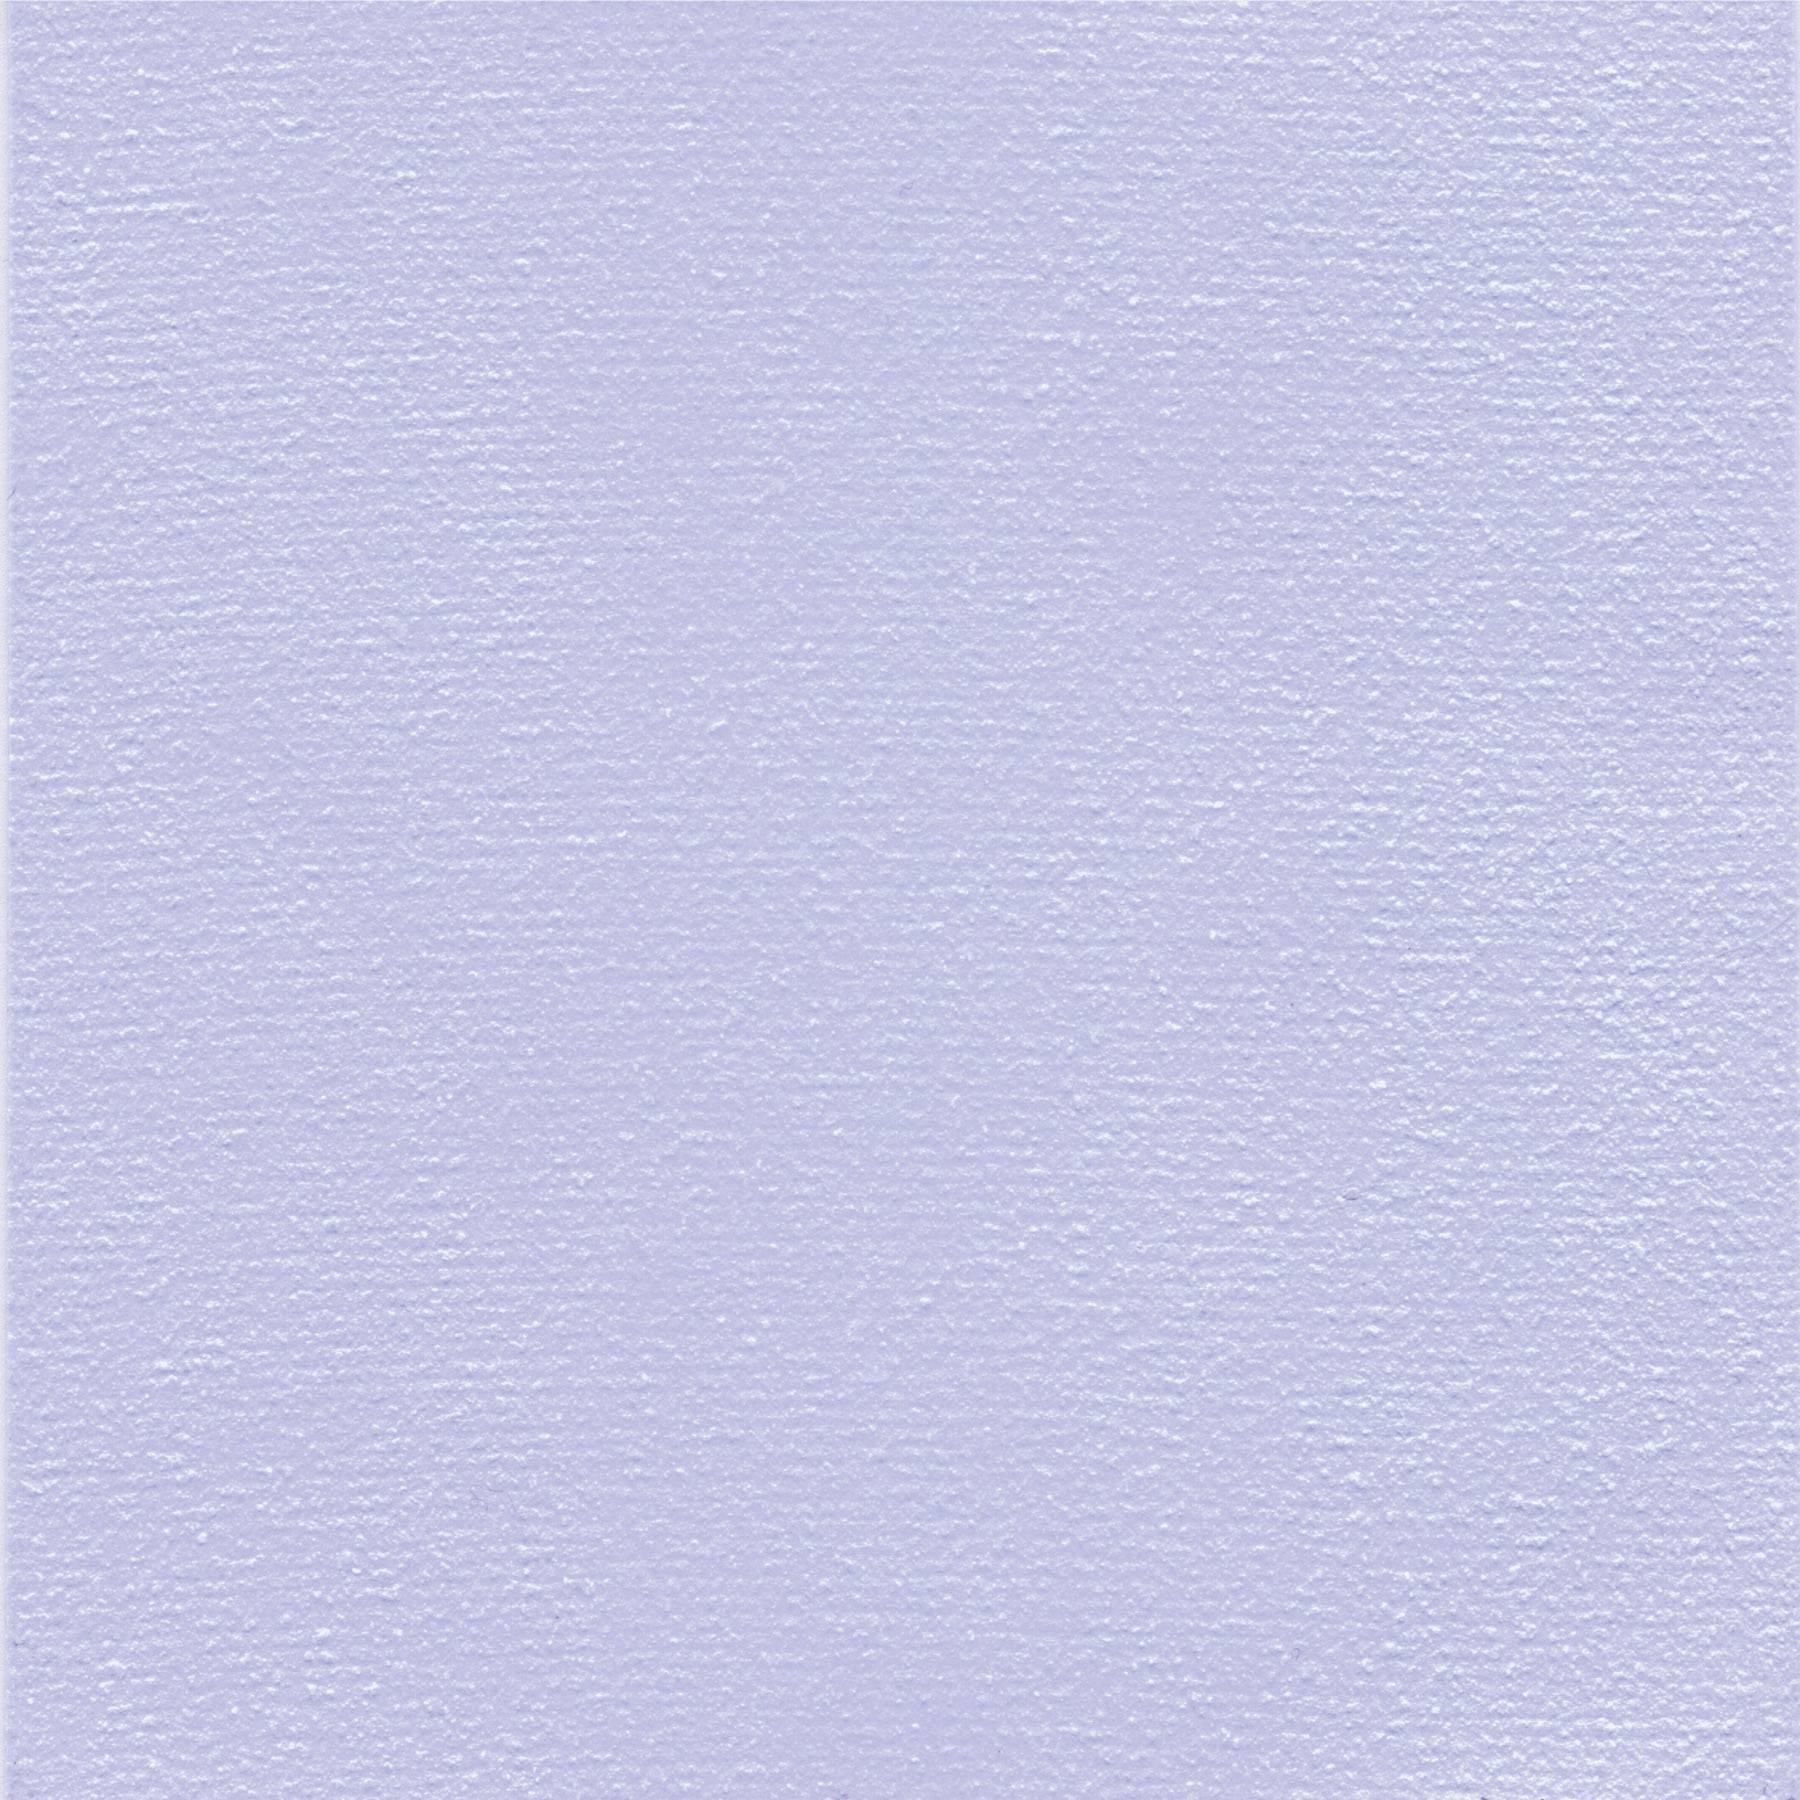 Teplovodivá fólie SoftthermR 86/300 100x100x0,5 mm